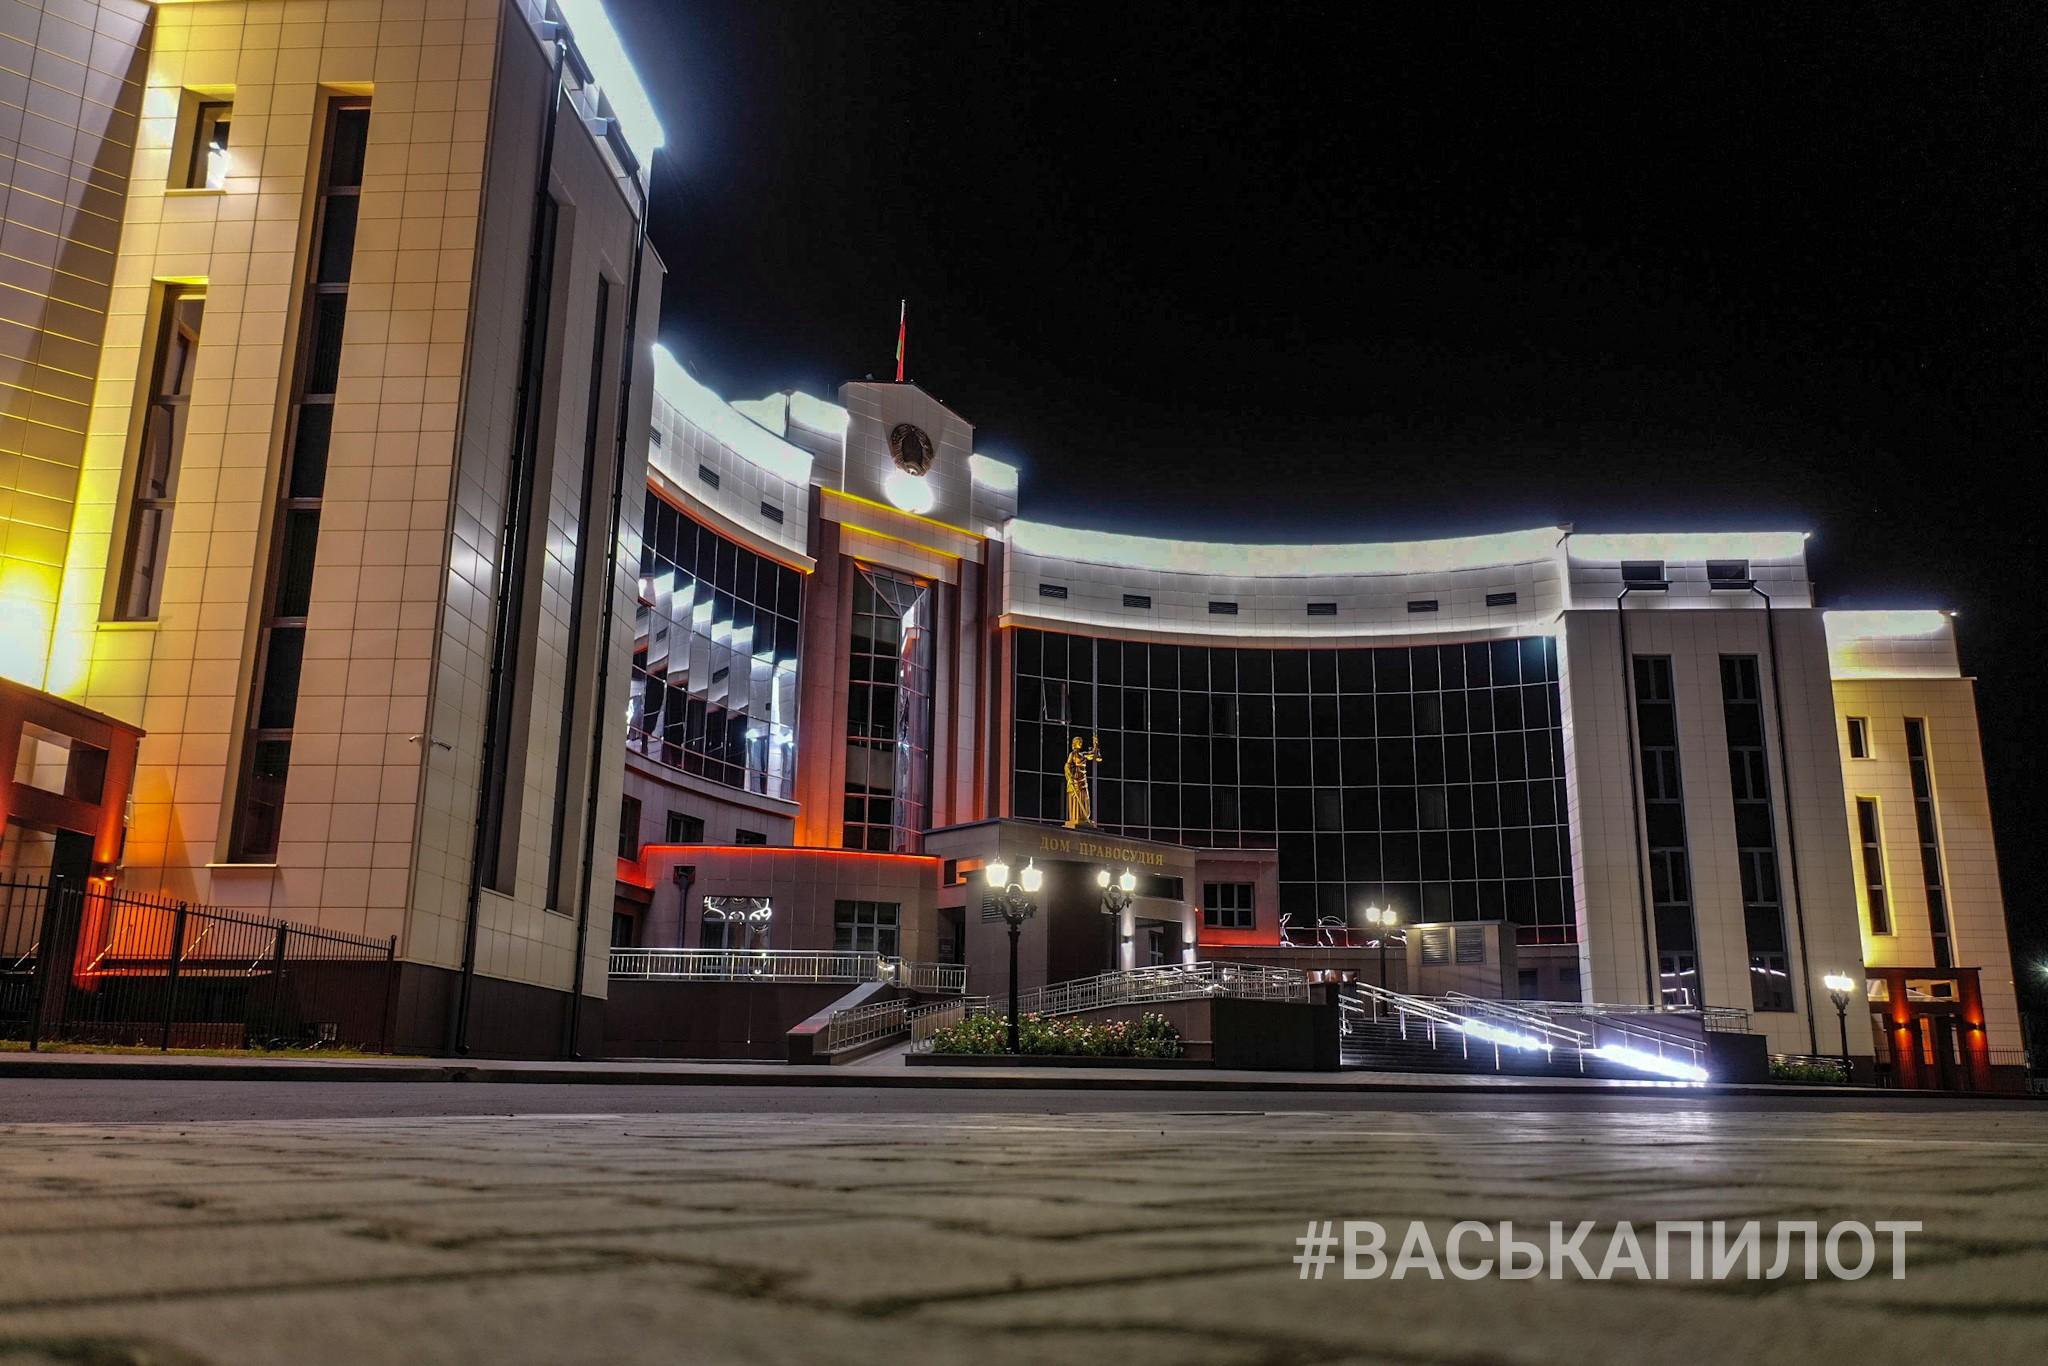 Красивой ночной подсветкой обзавёлся и новый Дом правосудия. Оценим?